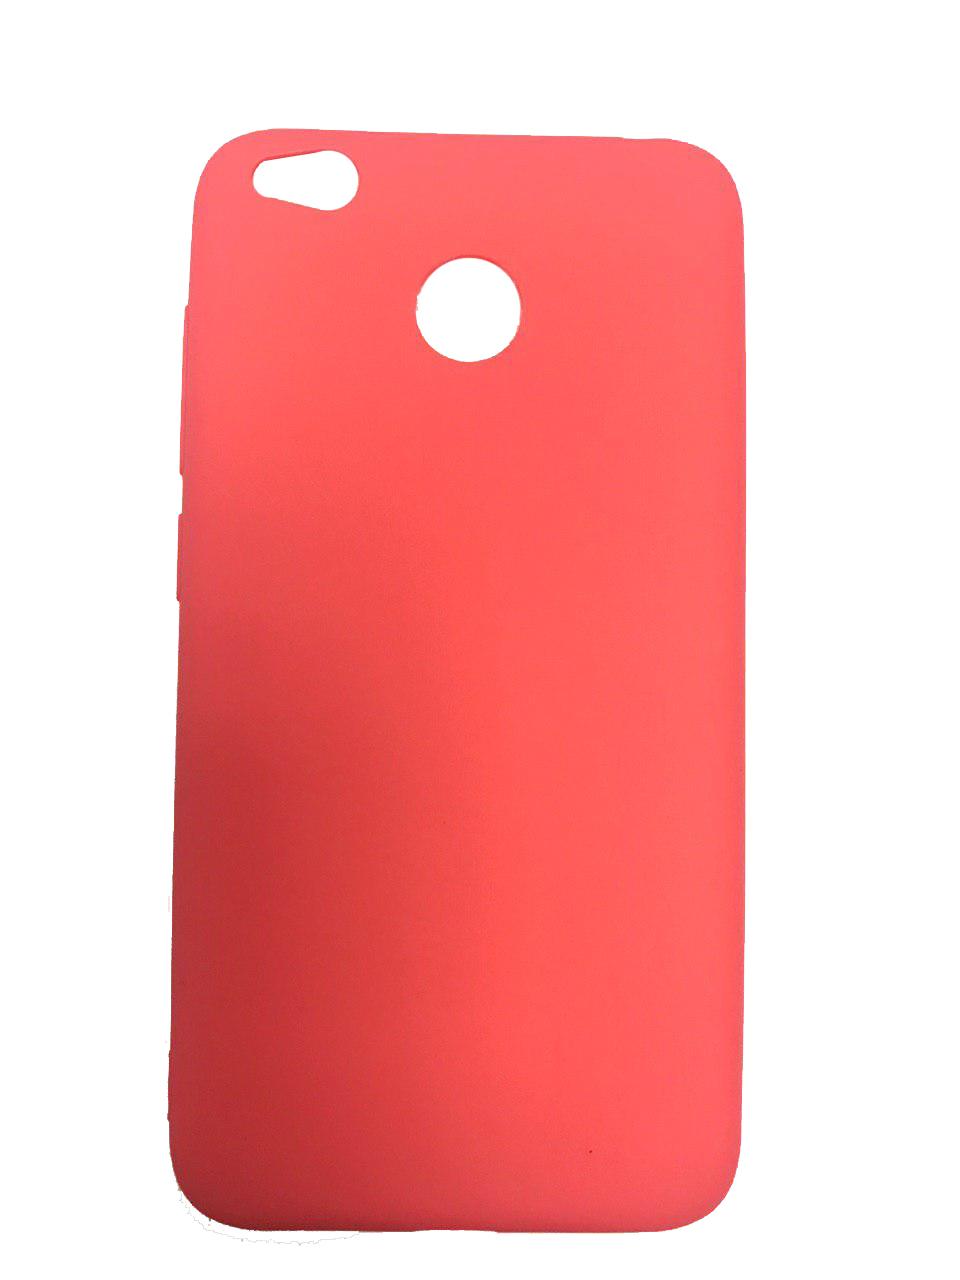 Чехол для сотового телефона Simply Чехол для Xiaomi Redmi Note 4X (Красный), красный красный дизайн кожа pu откидная крышка бумажника карты держатель чехол для xiaomi redmi 2 2a